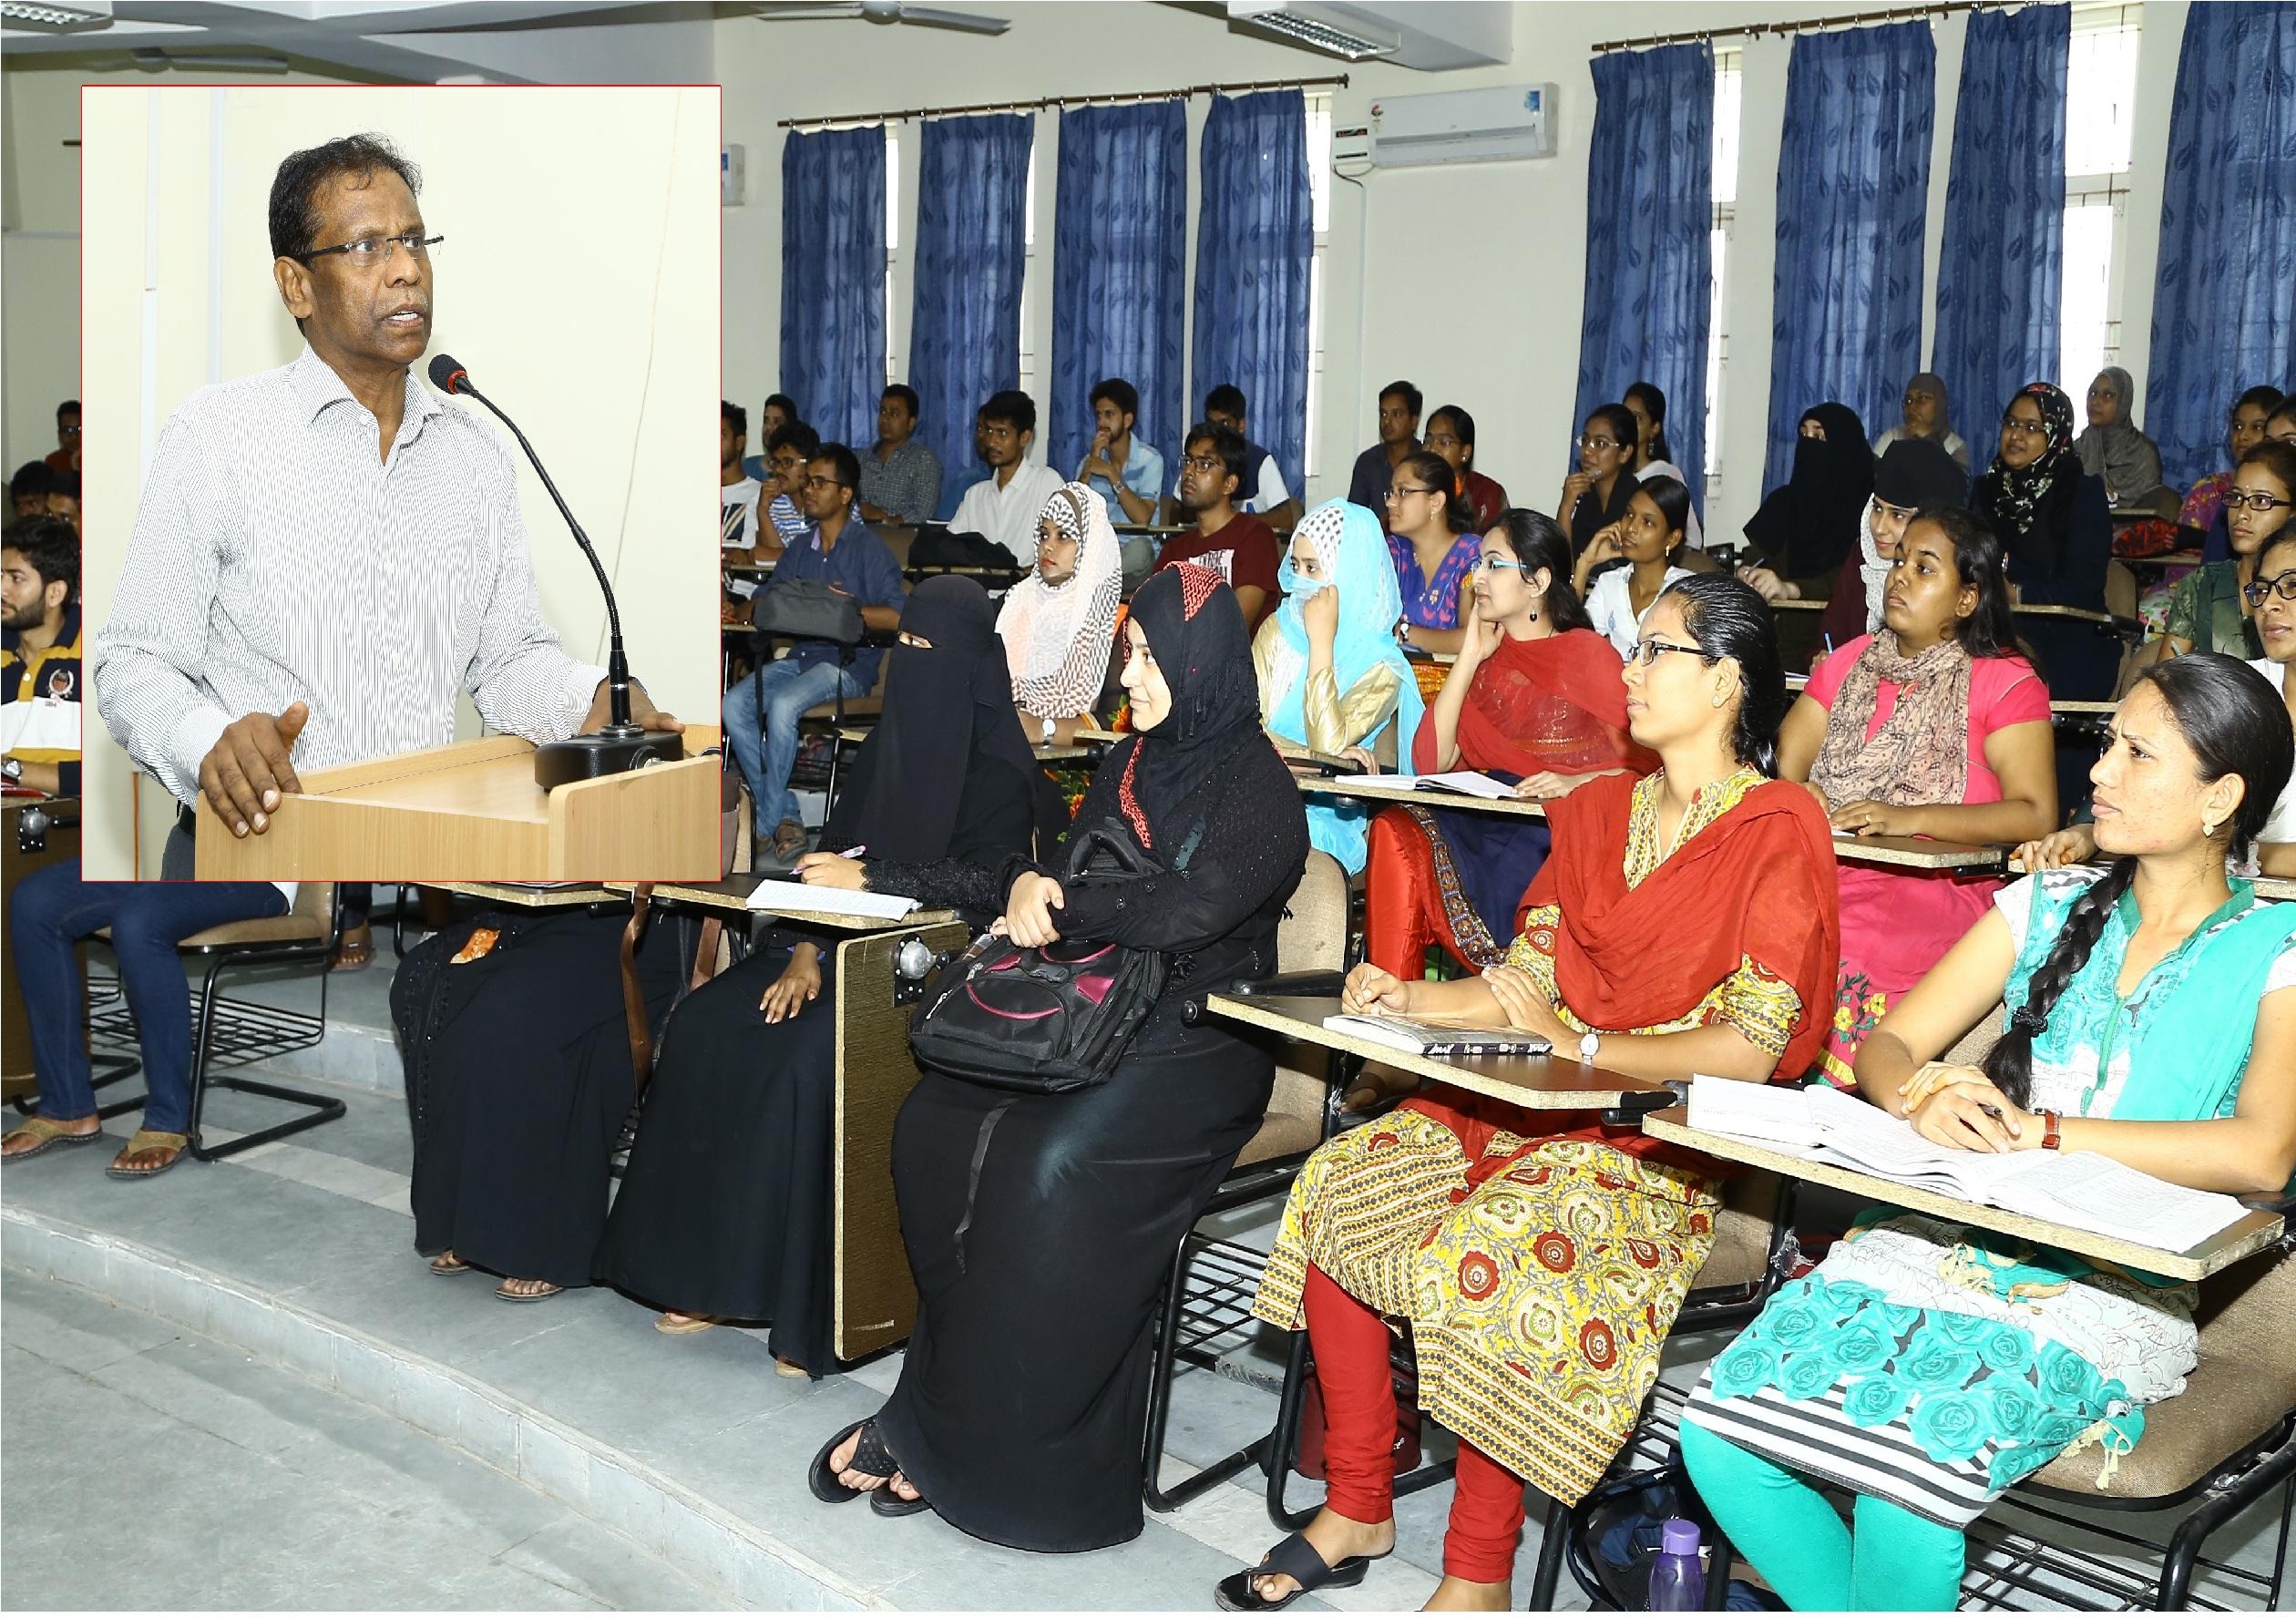 اُردو یونیورسٹی میں سیول سرویسز امتحانات کی کوچنگ کے پہلے بیچ کا آغاز